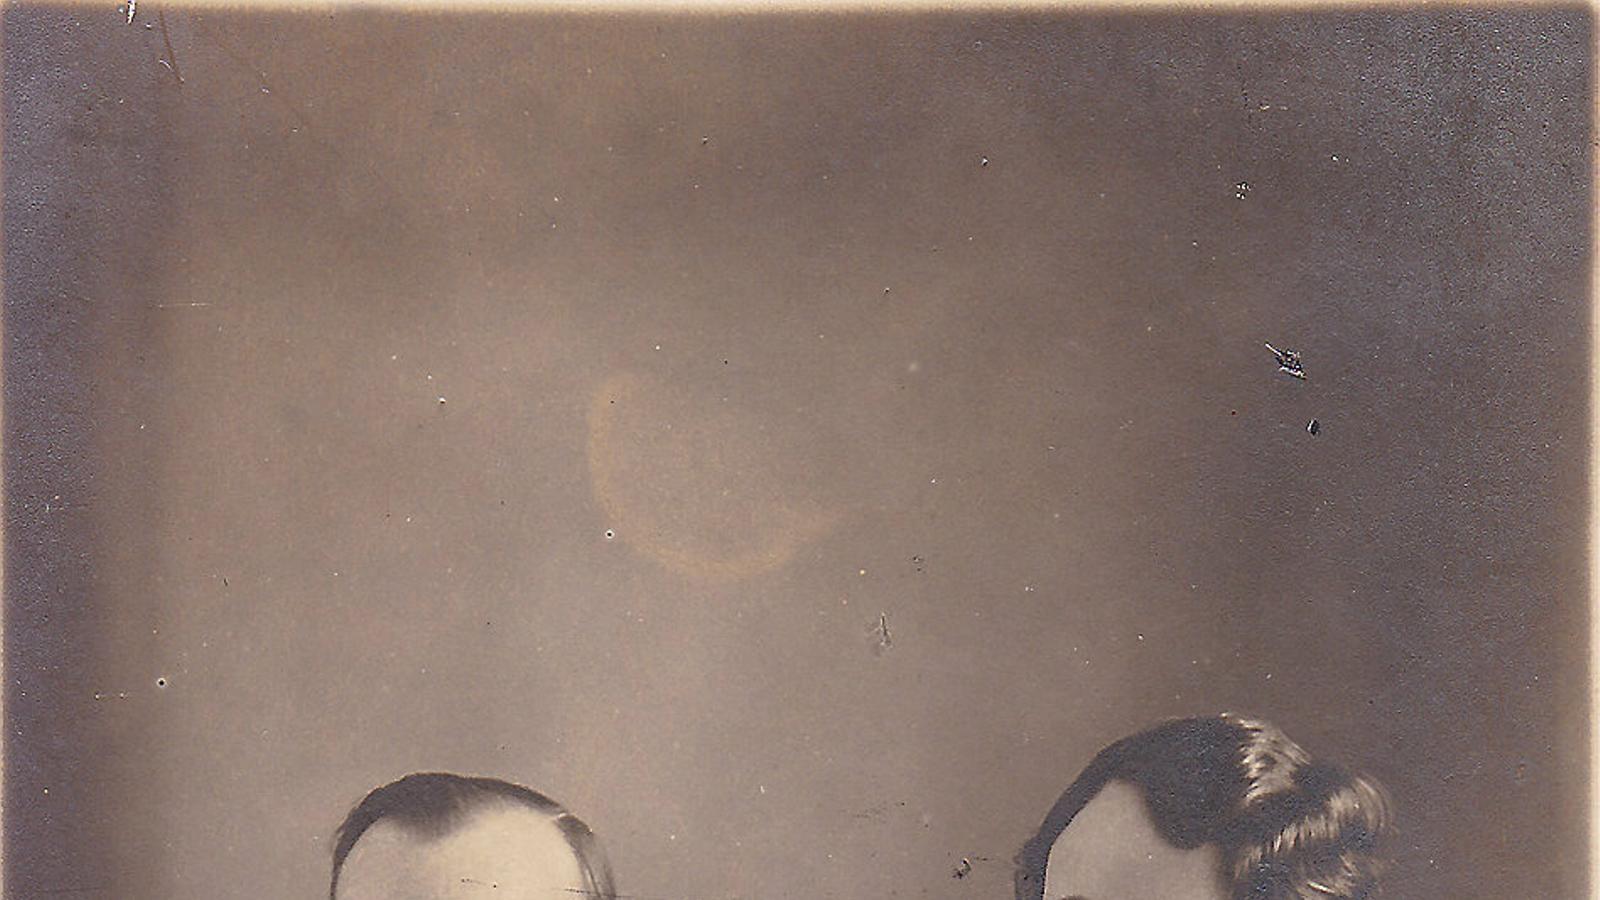 Rosa Santacana amb Joan Comorera en una de les imatges més antigues de la parella.